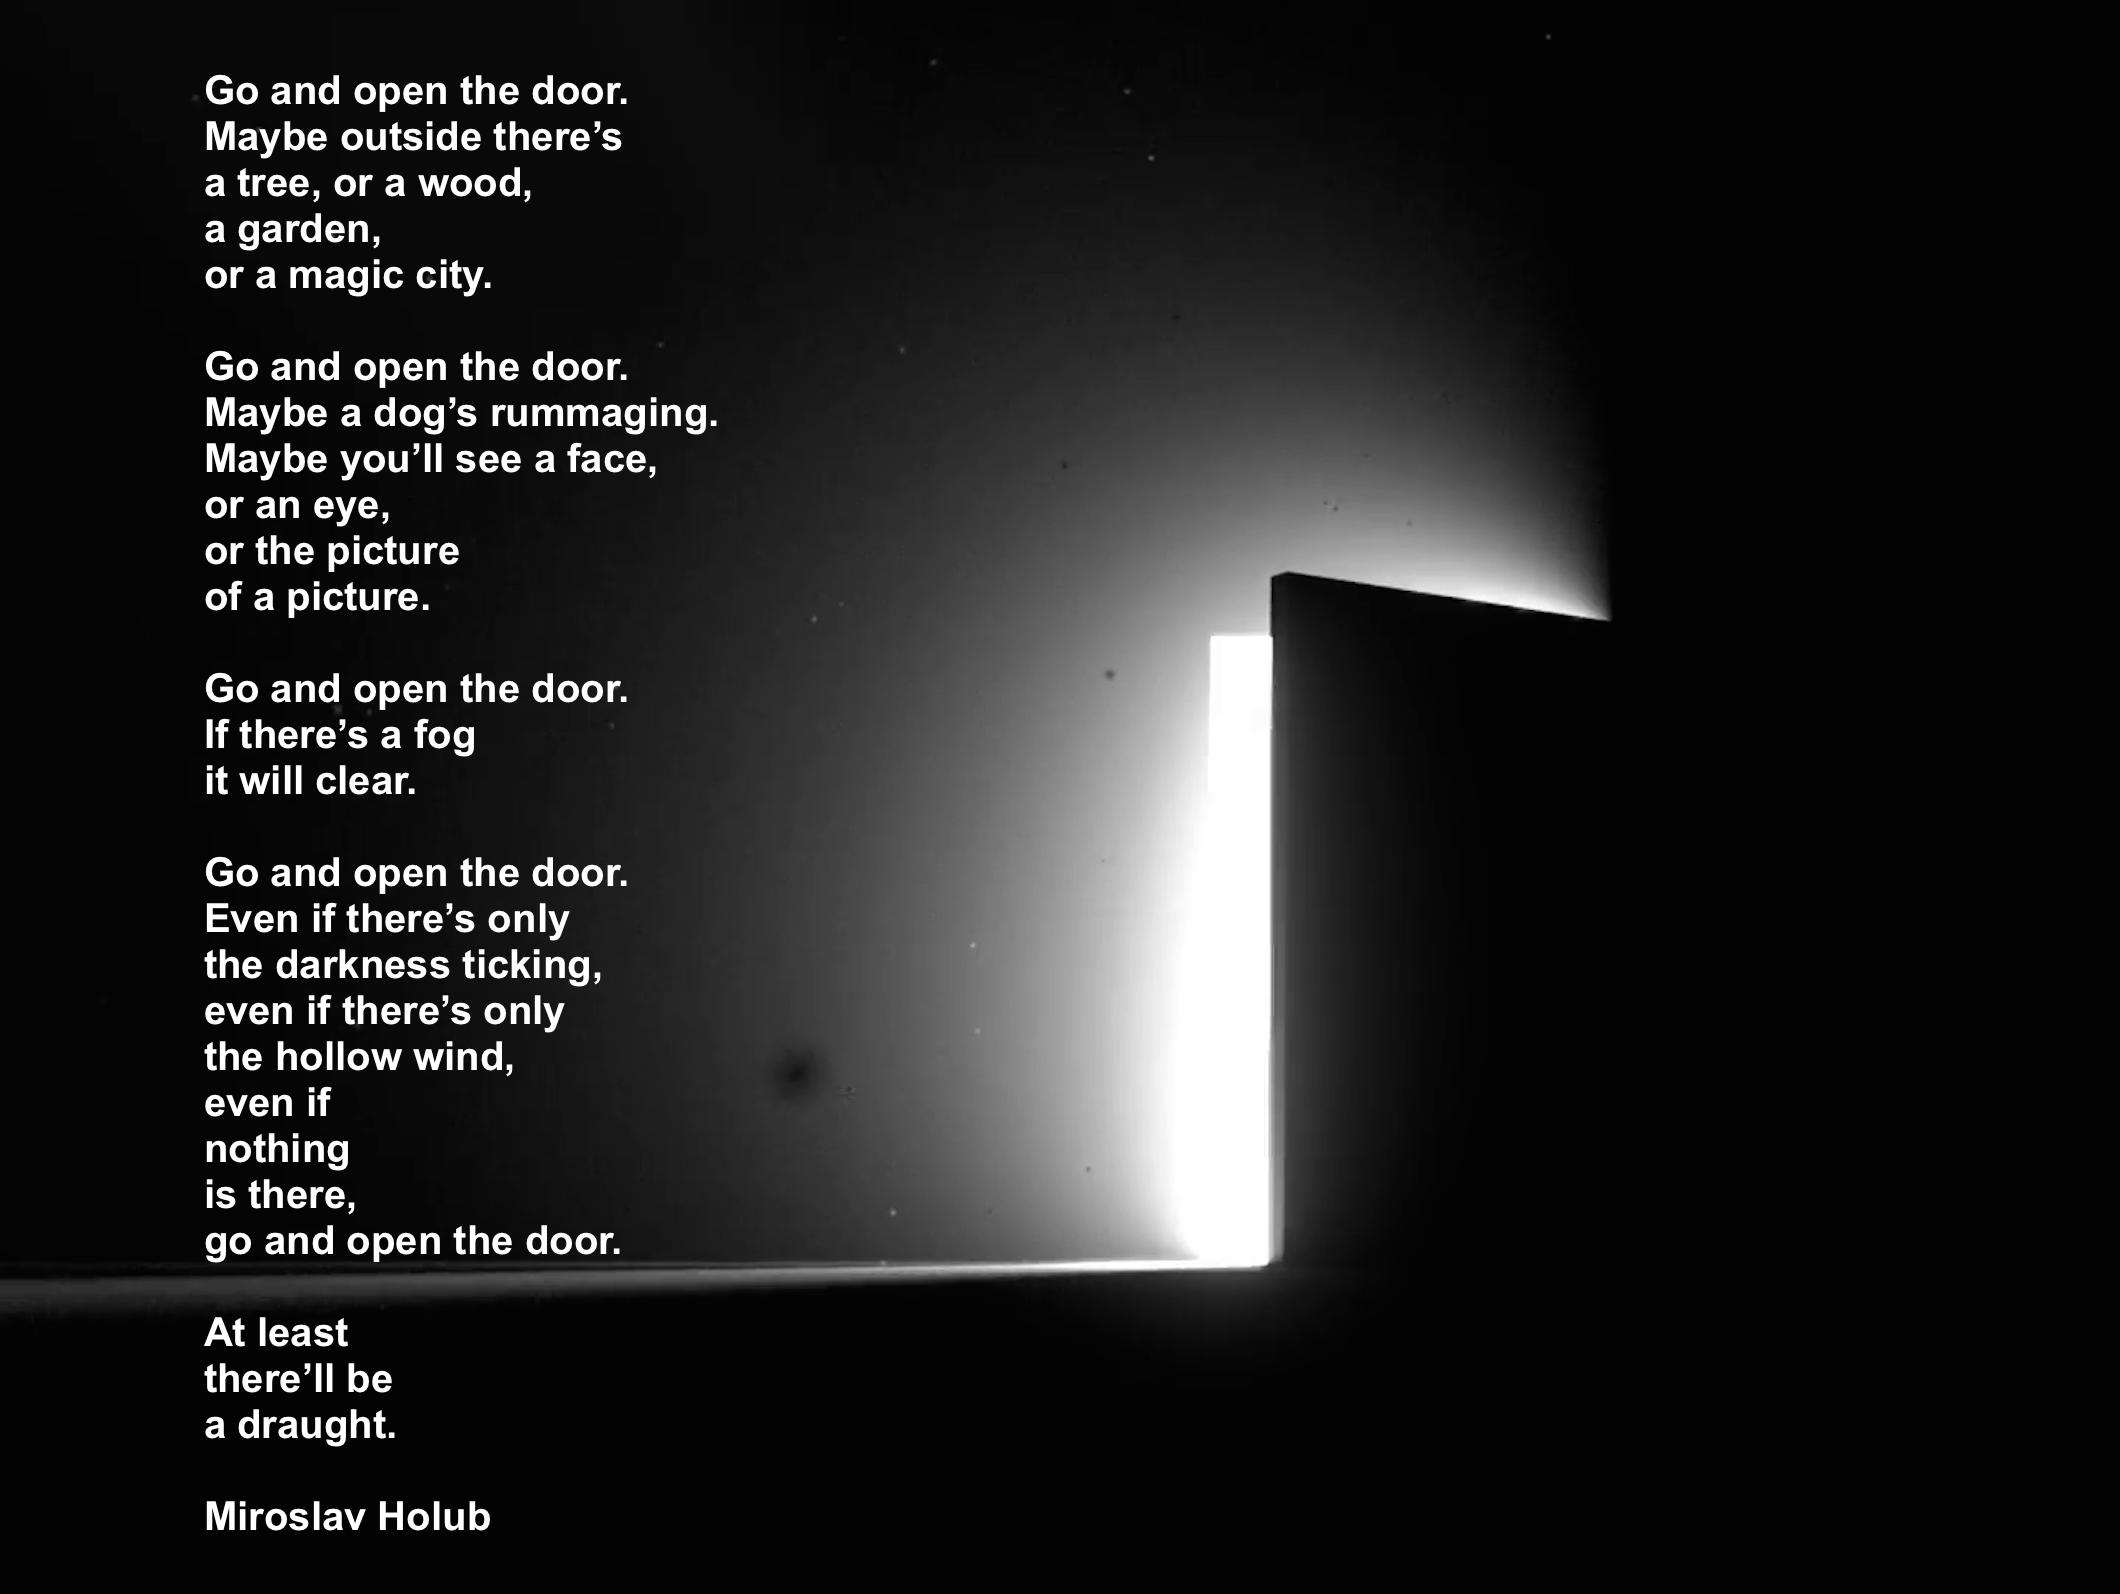 Go and open the door – Miroslav Holub [2129 x 1594]